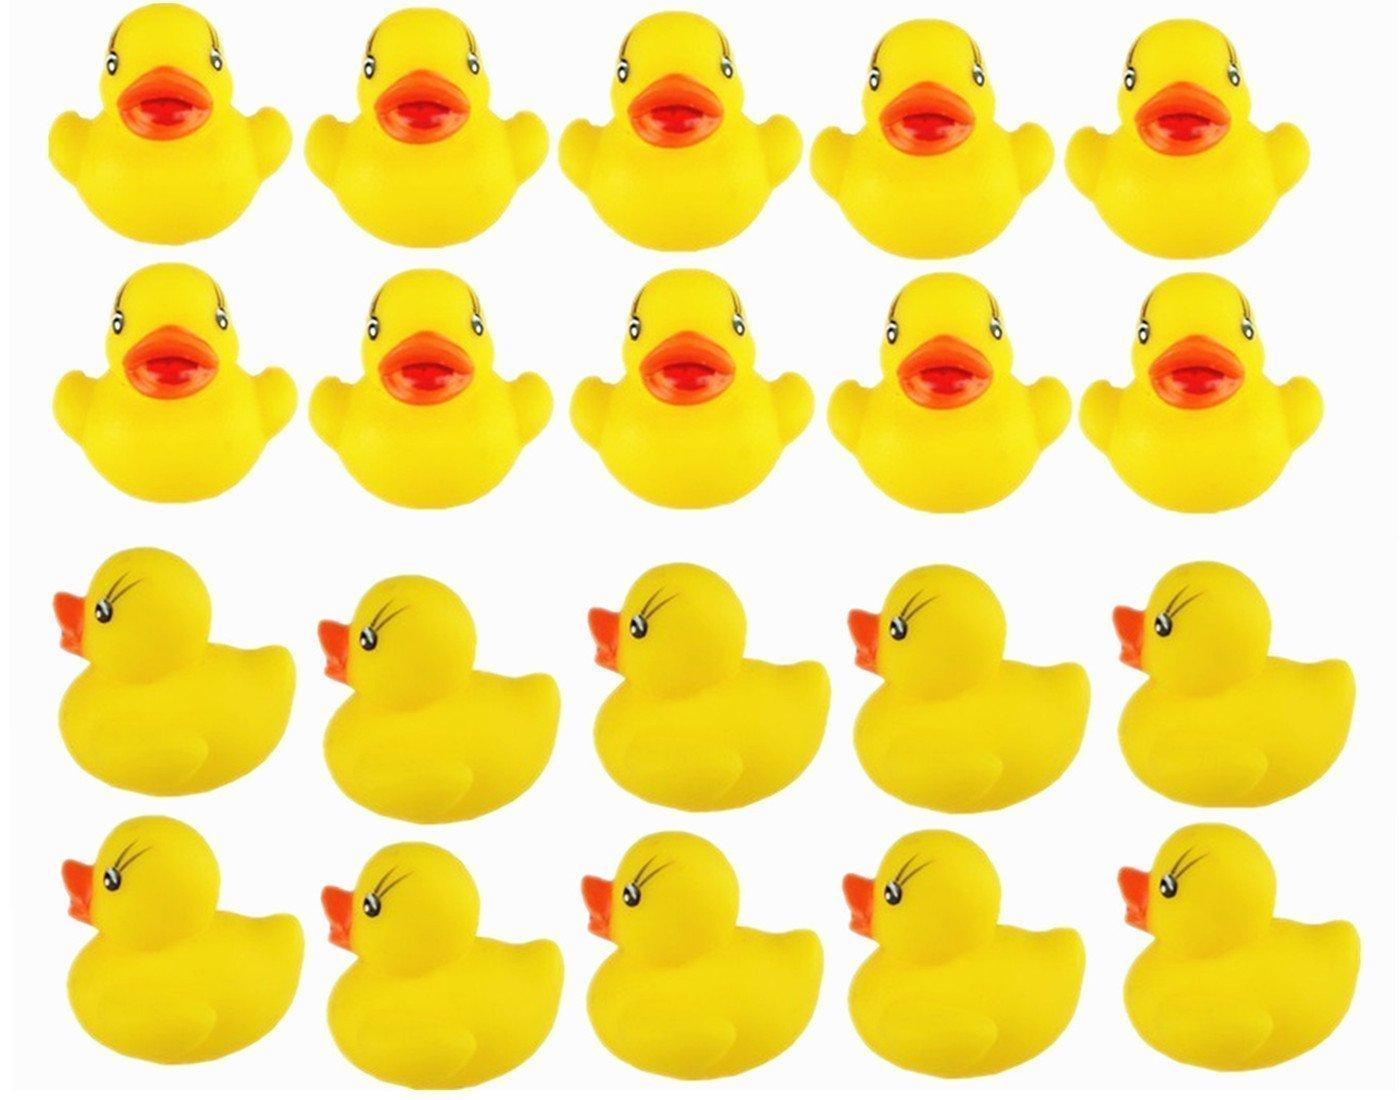 Carry stone Kleine Ente Spielzeug Ente Wasser Spielzeug kann 20 St/ück gelb f/ür Kinder Paty langlebig und praktisch klingen